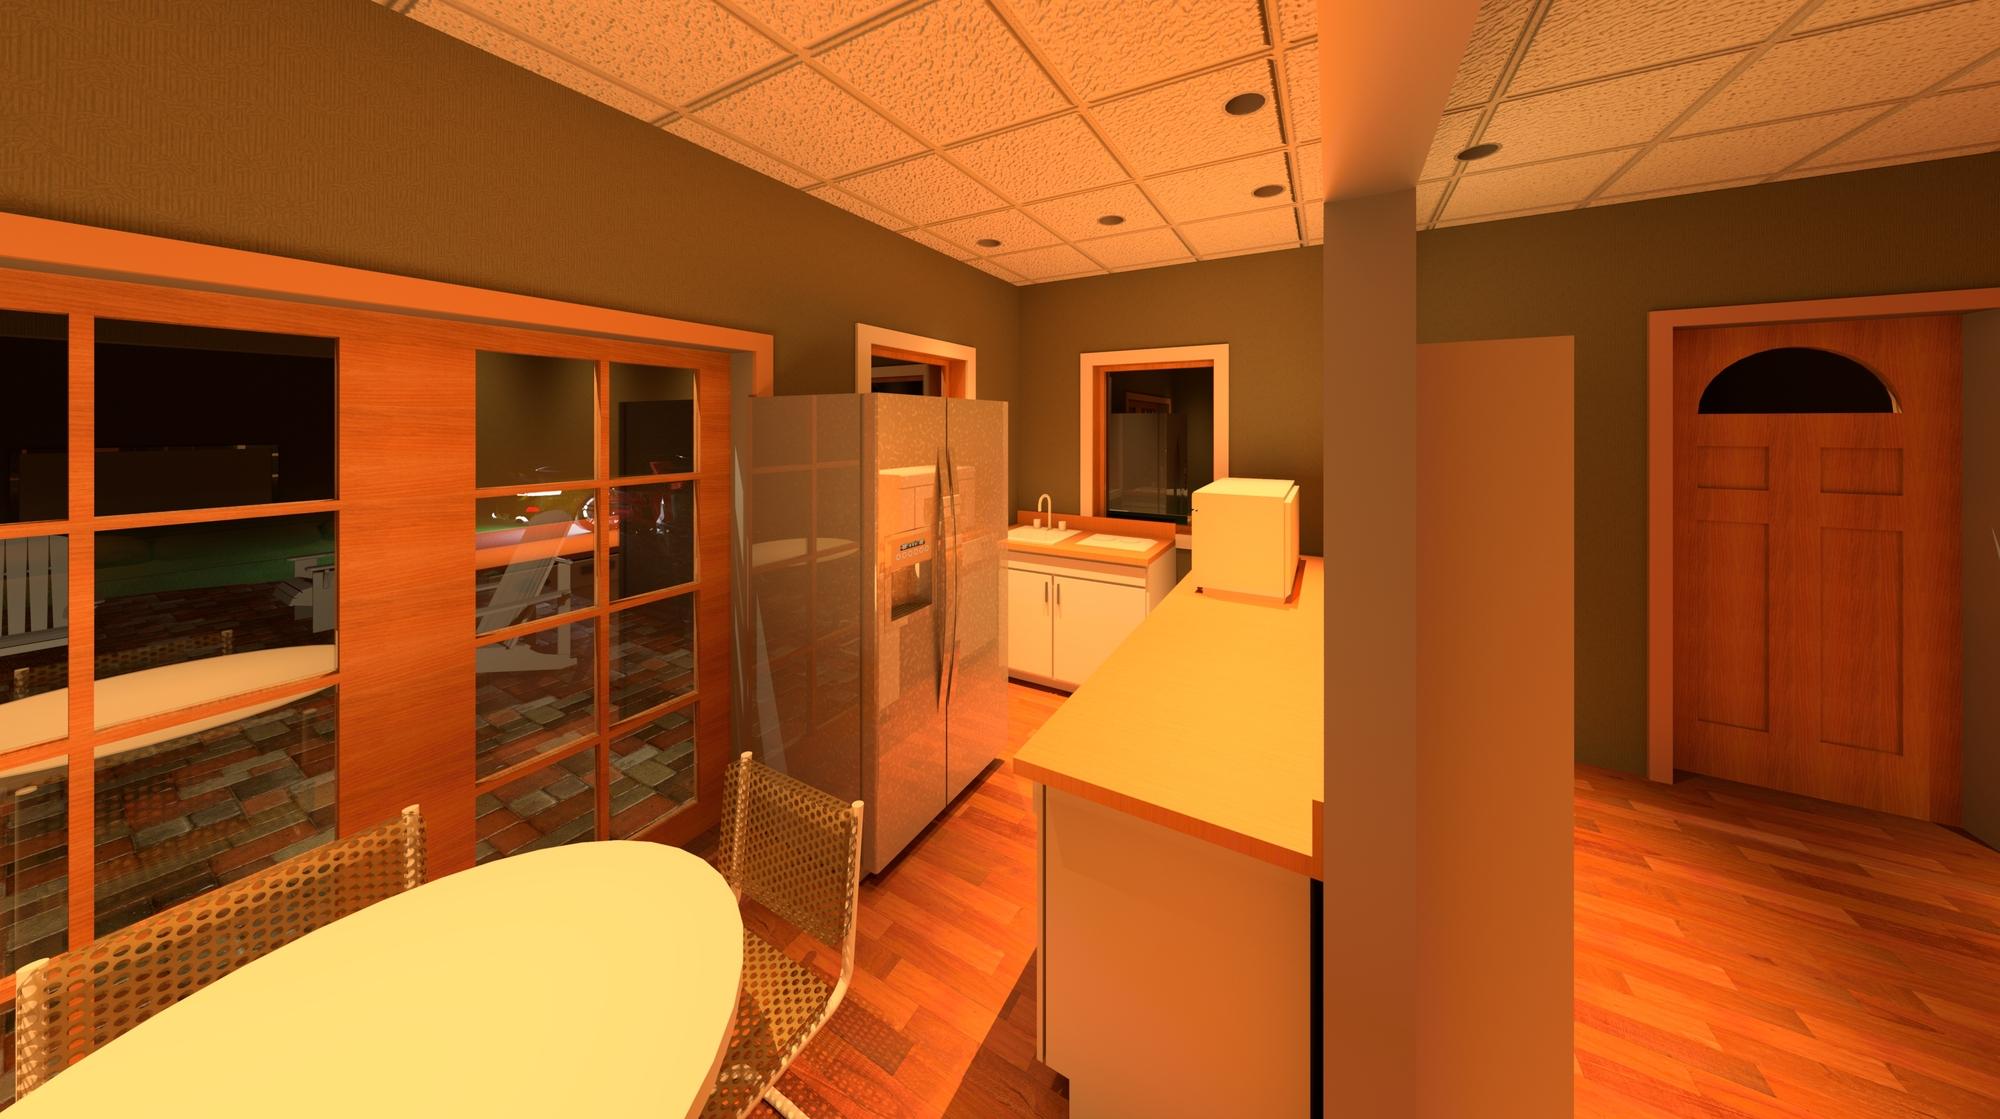 Raas-rendering20140930-8146-18cdzxe